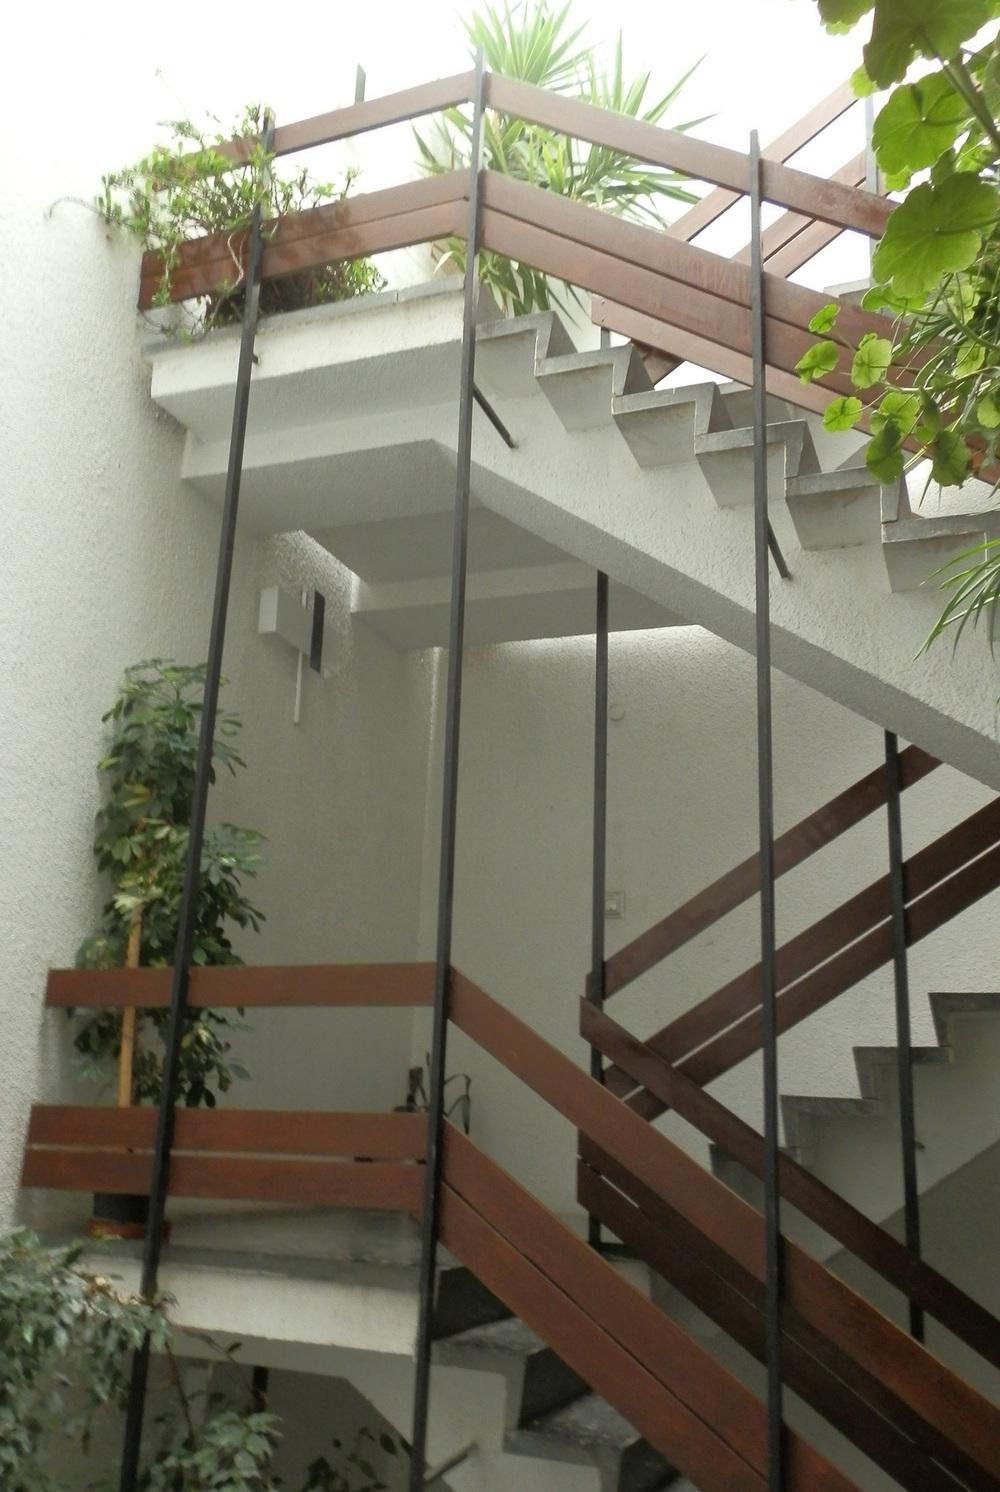 Resim 7: Galeri boşluğundaki metal profille